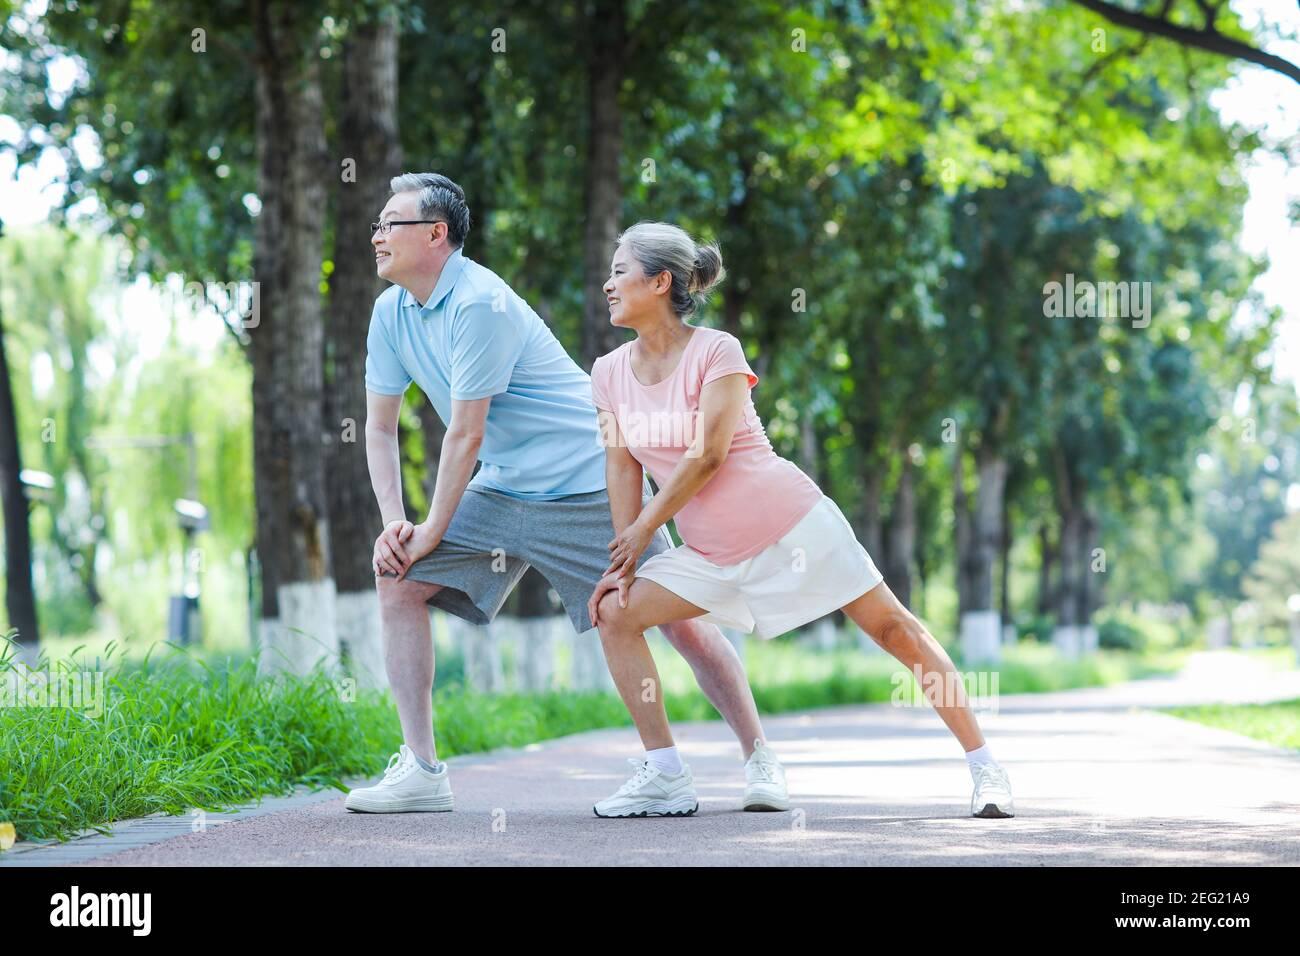 Un vieux couple fait de l'exercice dans le parc Banque D'Images